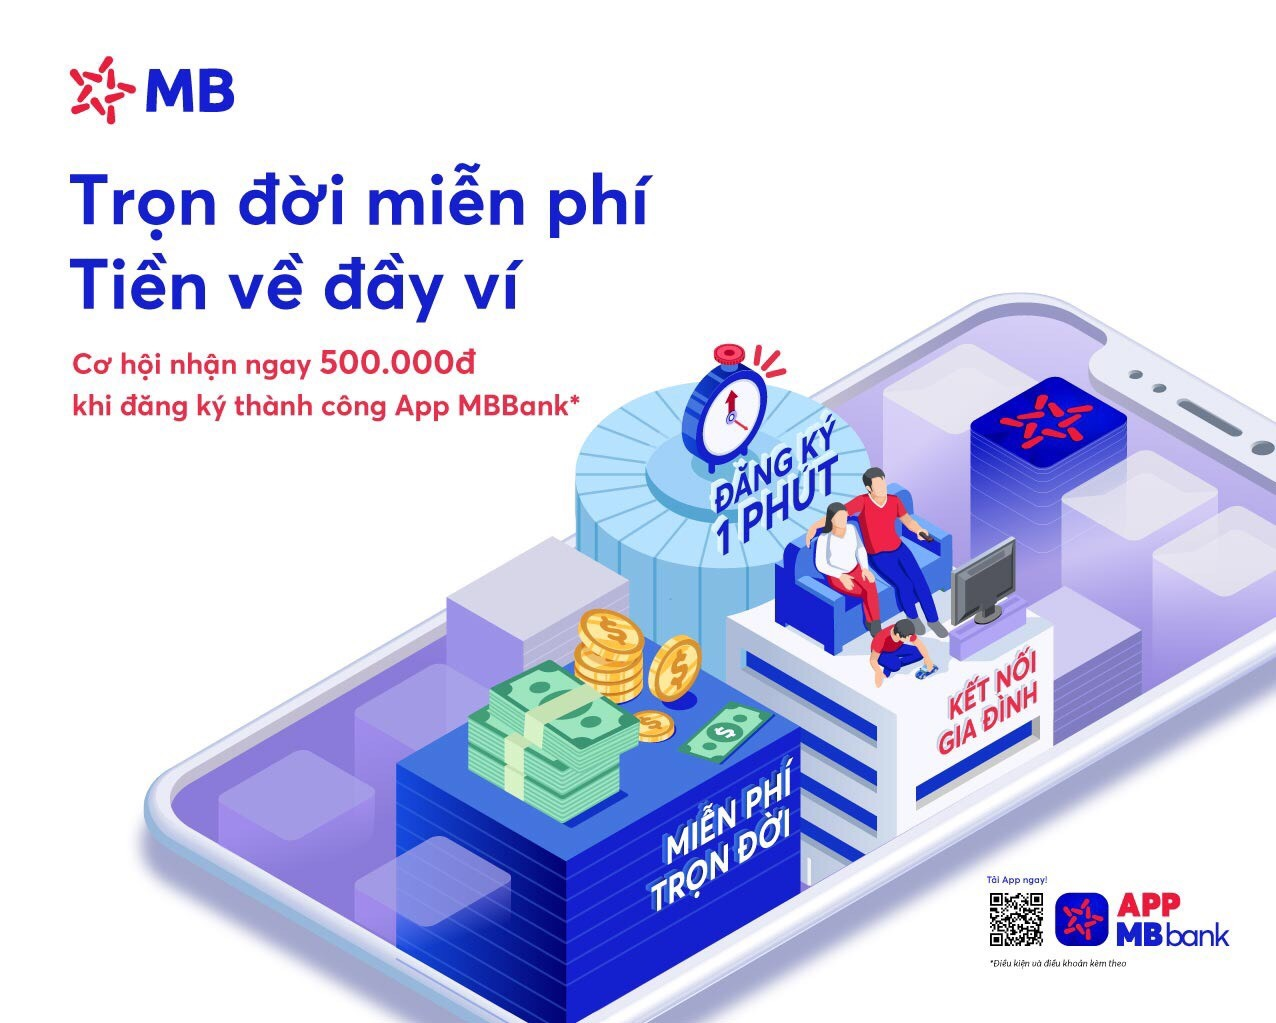 MB ưu đãi đến 2 tỷ đồng mừng App MBBank phiên bản mới-1